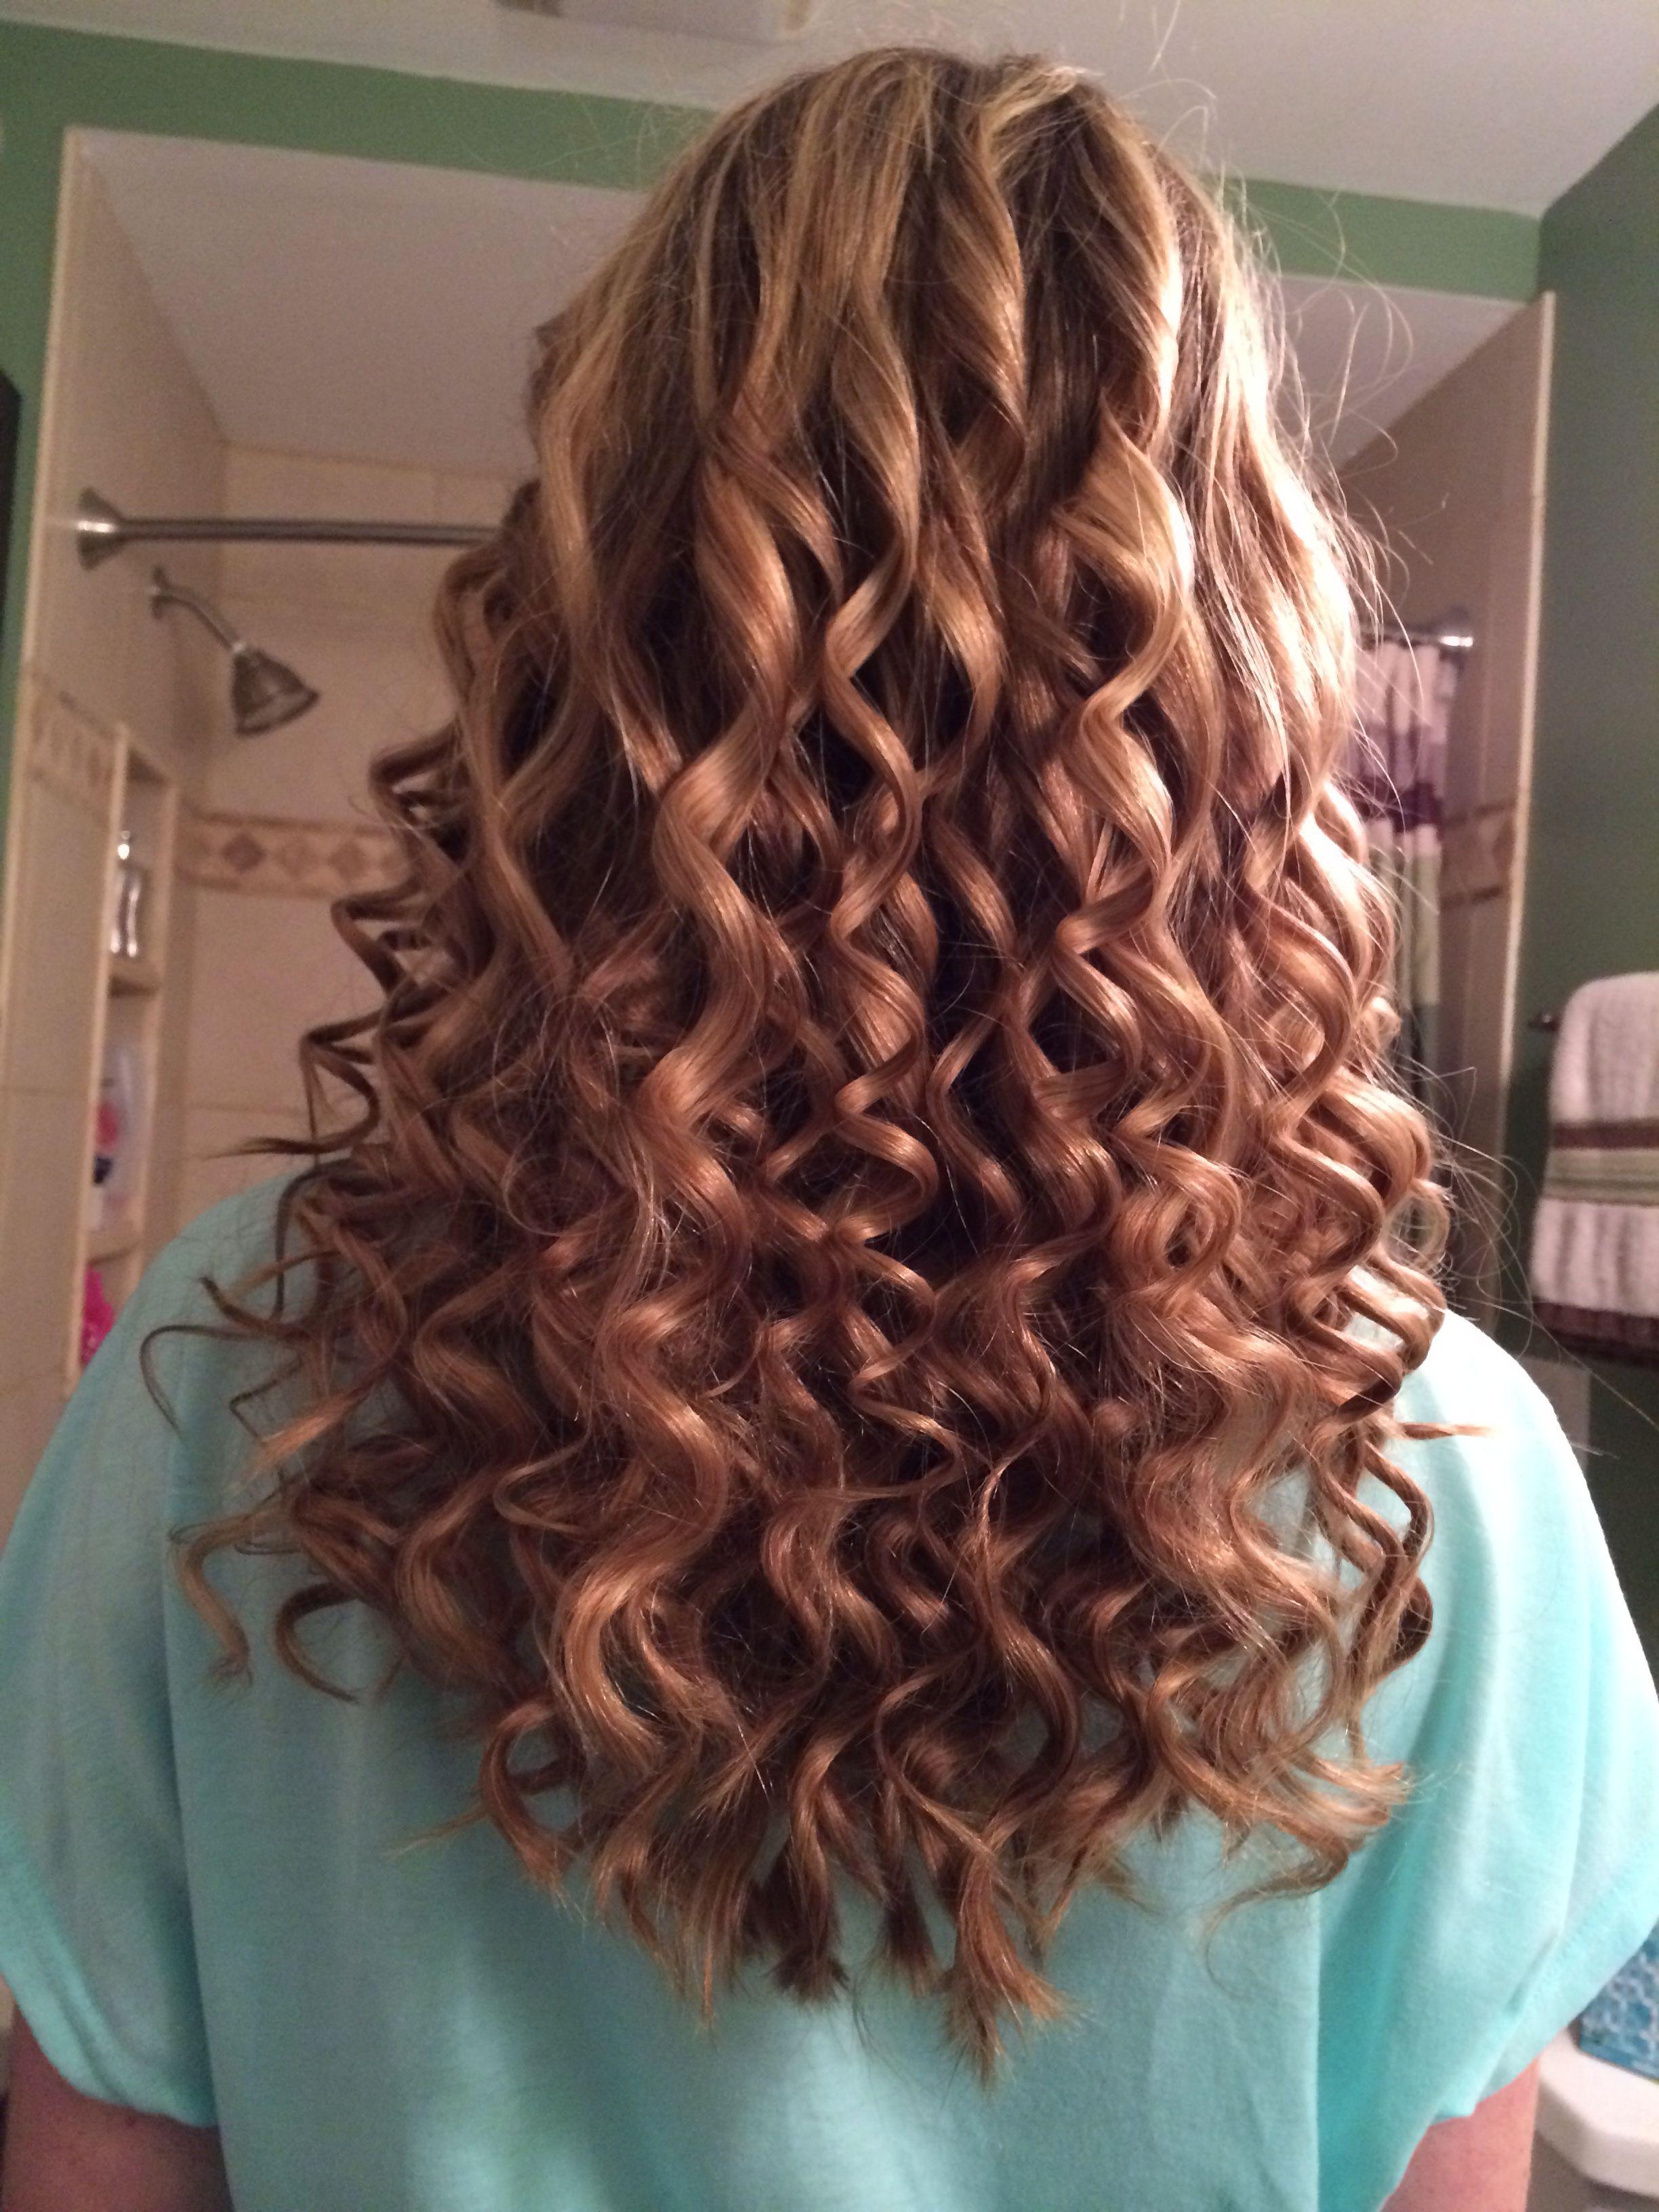 Cute Hair (View 2 of 20)